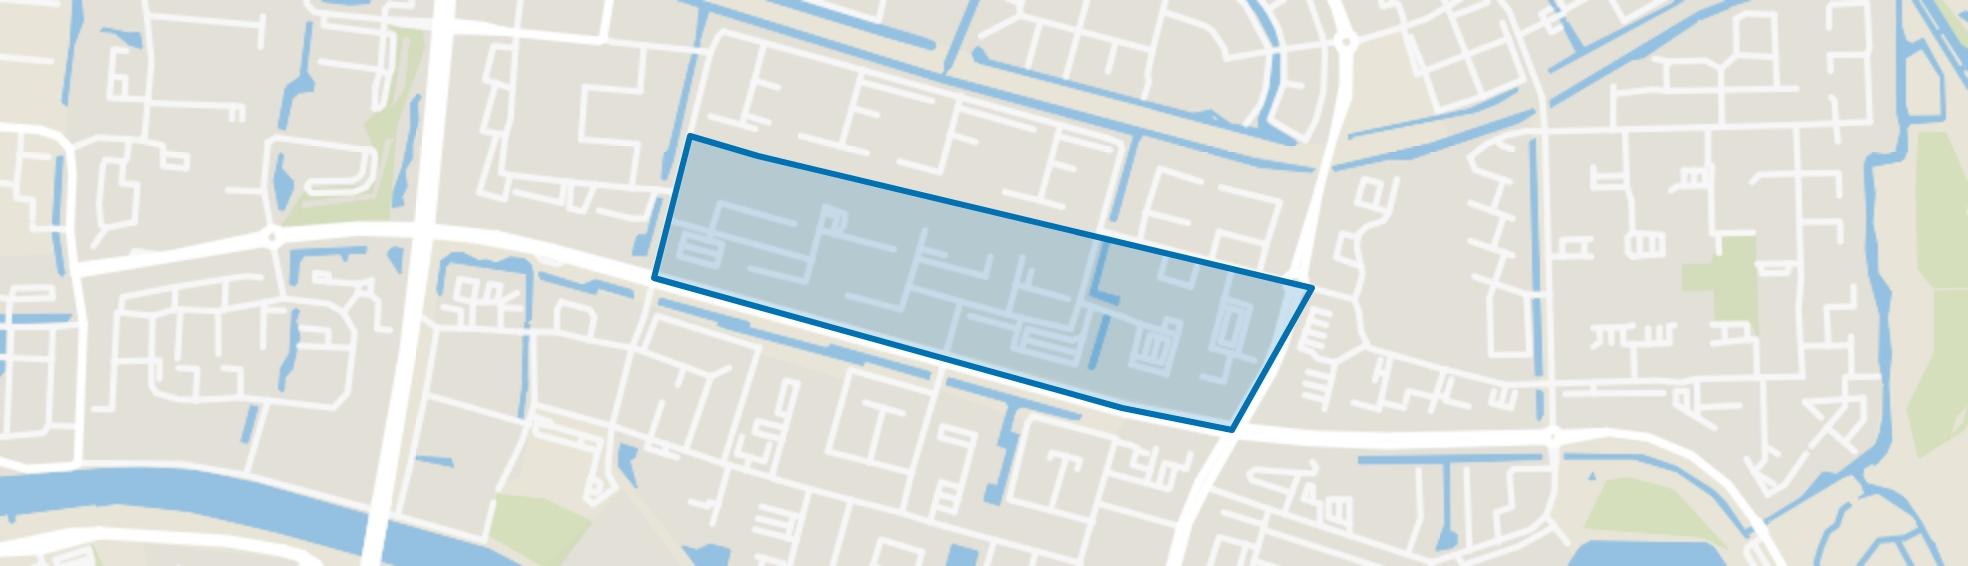 Componistenbuurt-Zuid, Alphen aan den Rijn map